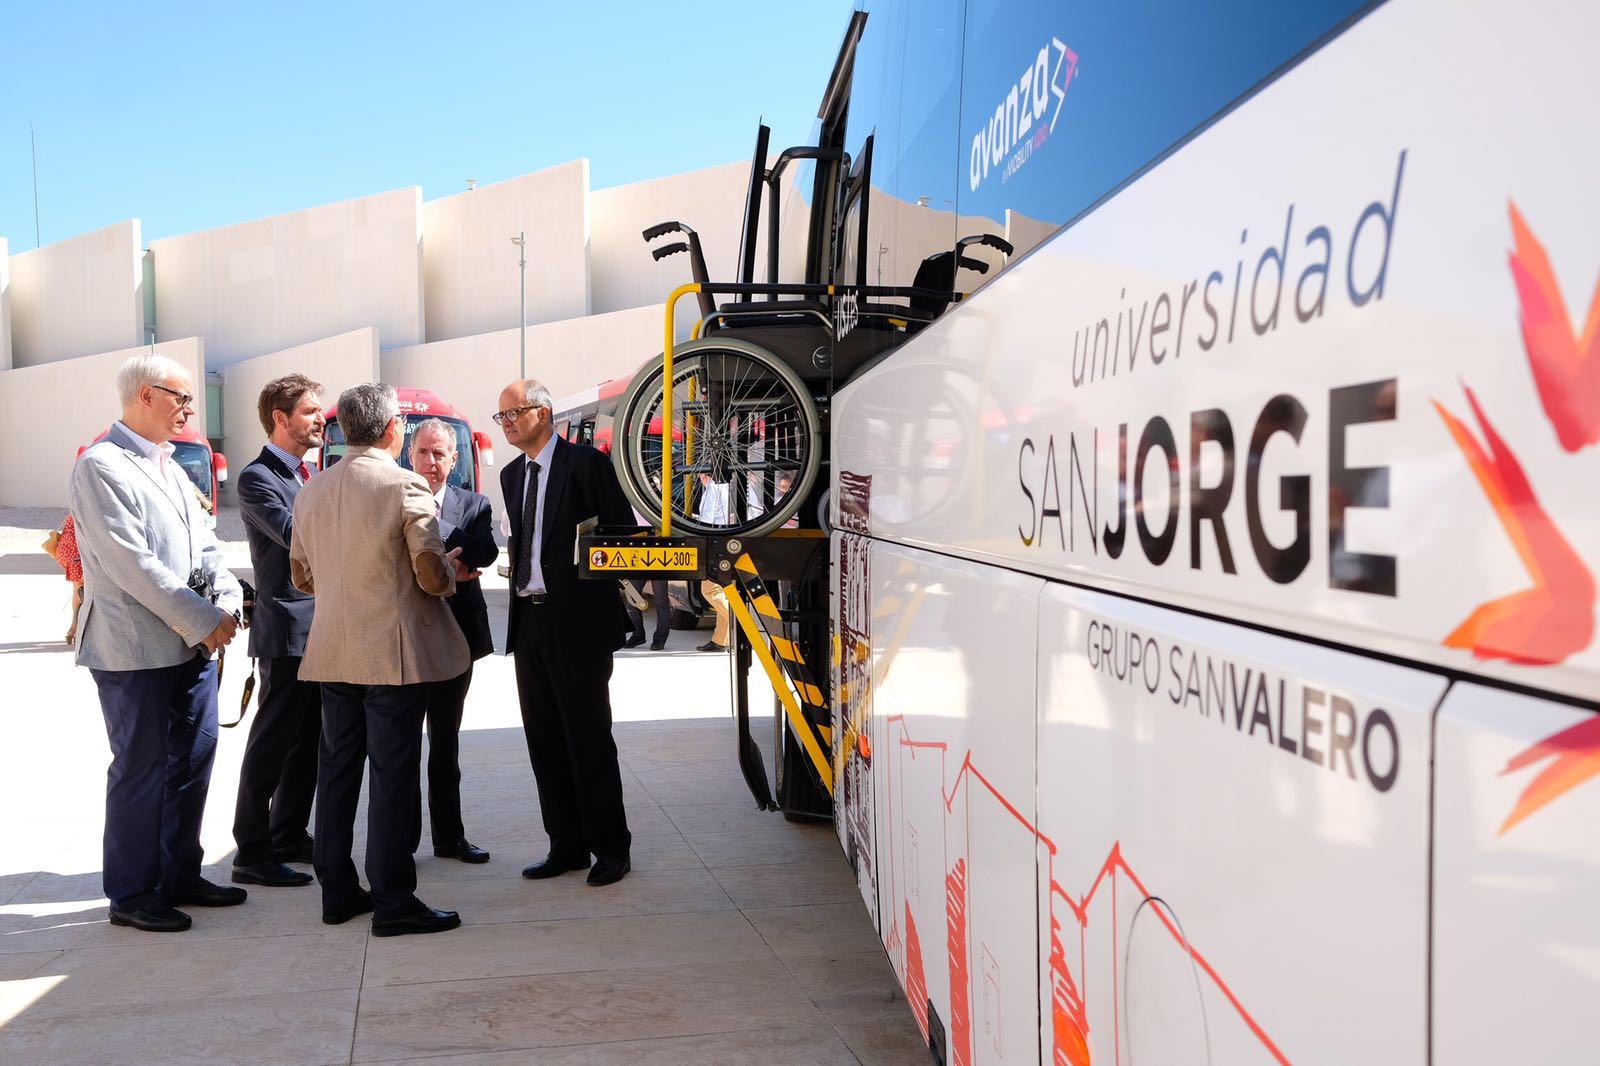 La Universidad San Jorge presenta sus nuevos autobuses adaptados para personas con movilidad reducida